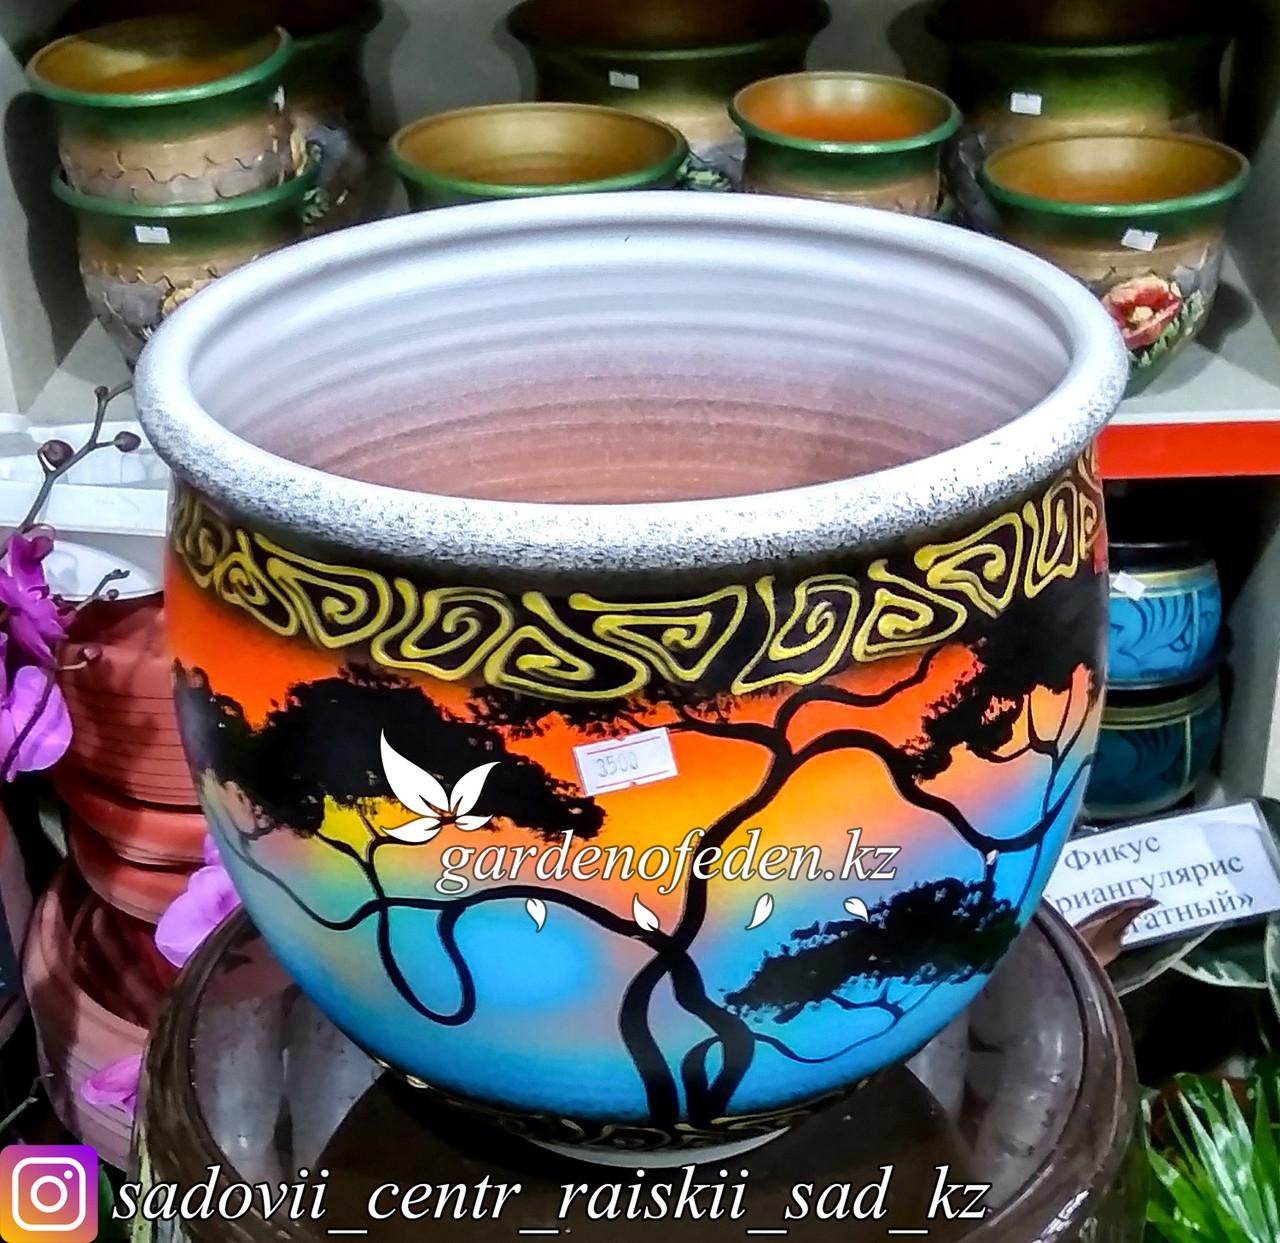 Керамический горшок для цветов. Объем: 5л. Цвет: Оранжево-голубой, саванна.